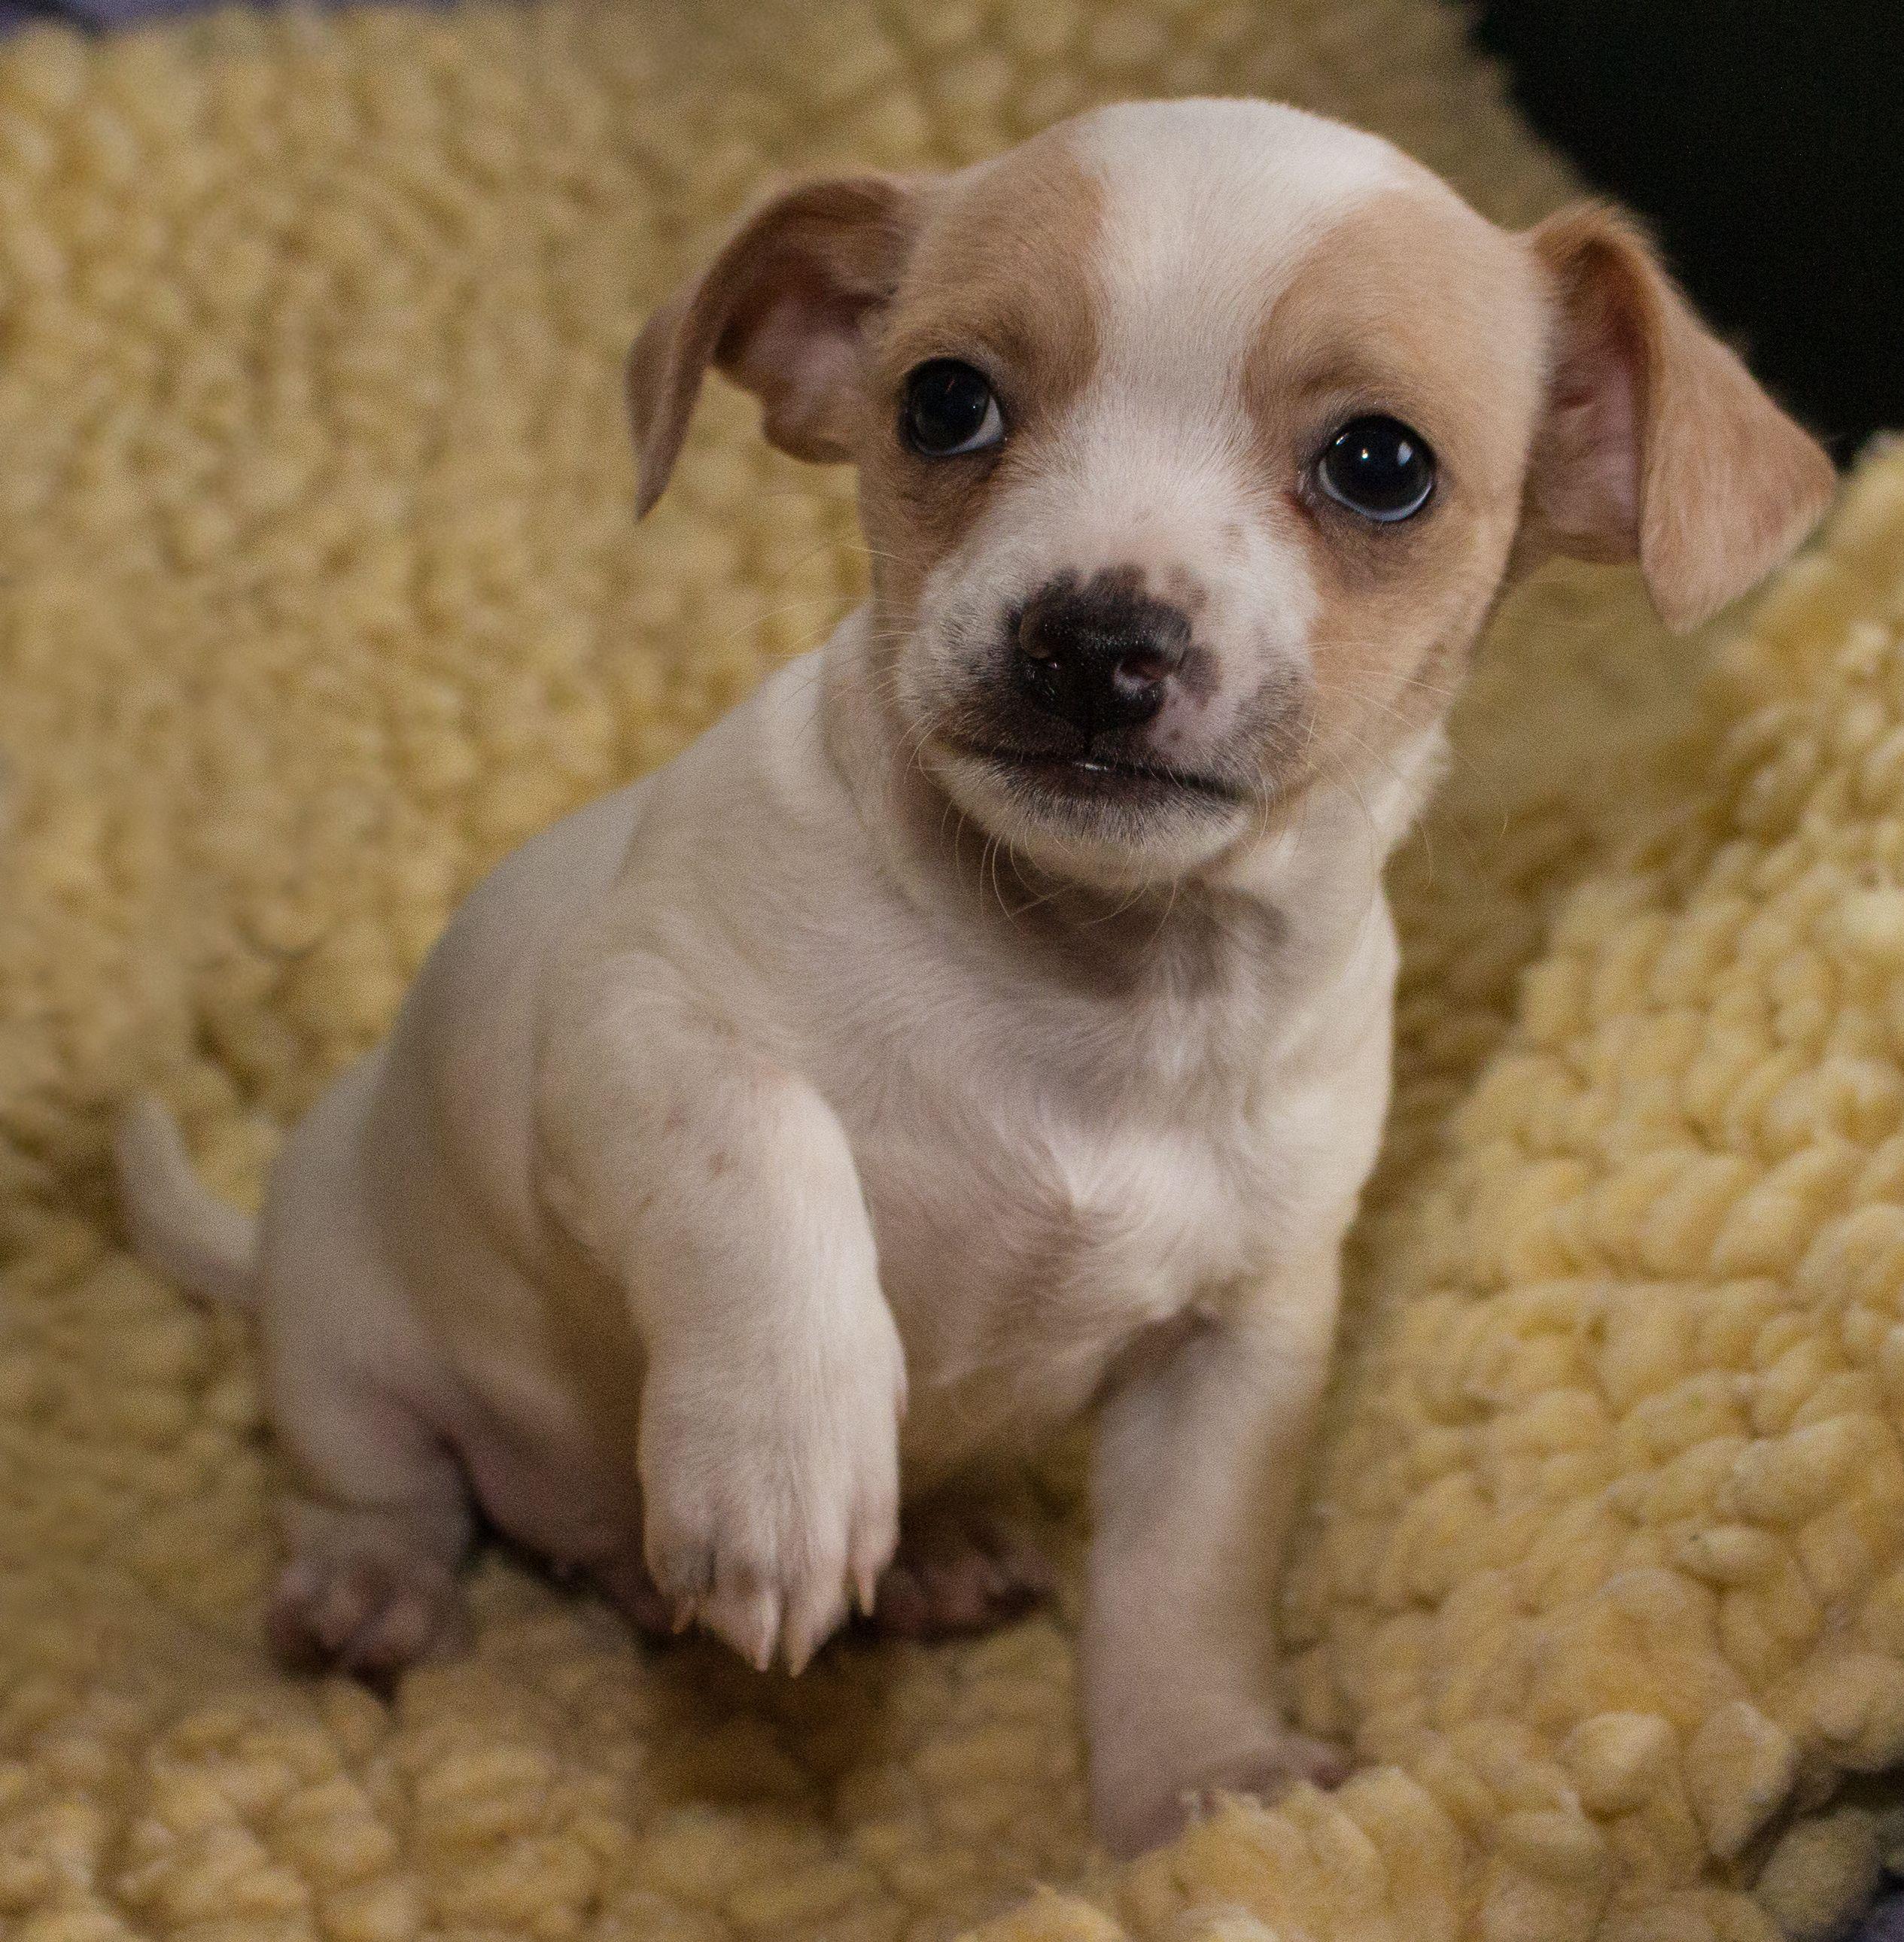 Bart Humane Society of Fairfax County NOVA Pet